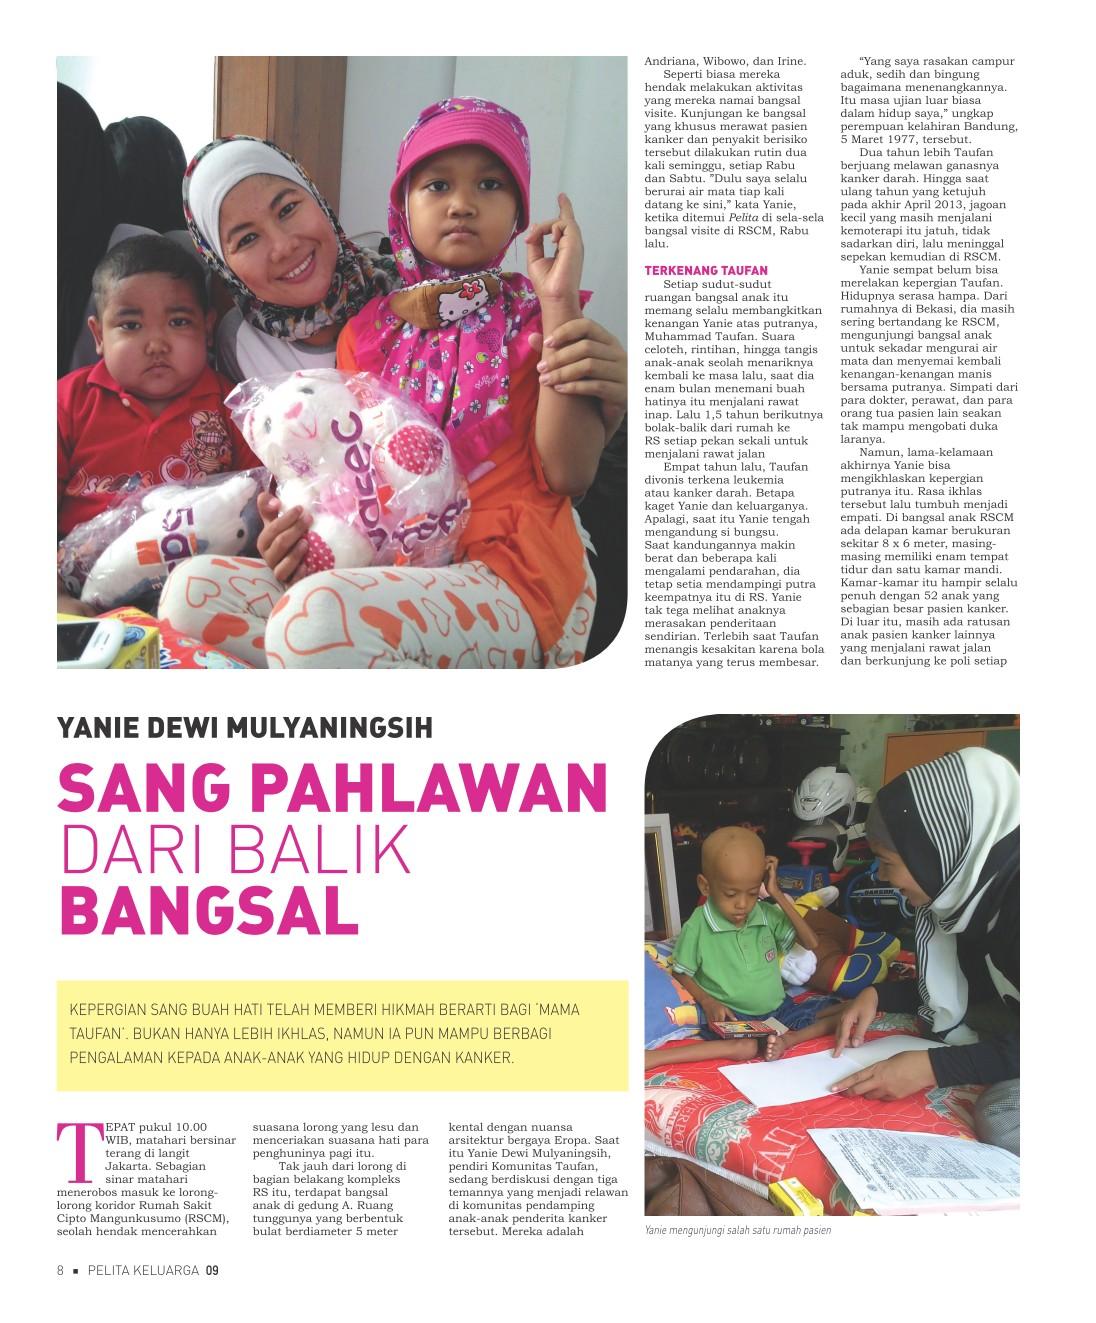 2015.03.11 - Pelita Keluarga - Edisi 9 - Komunitas Taufan_02